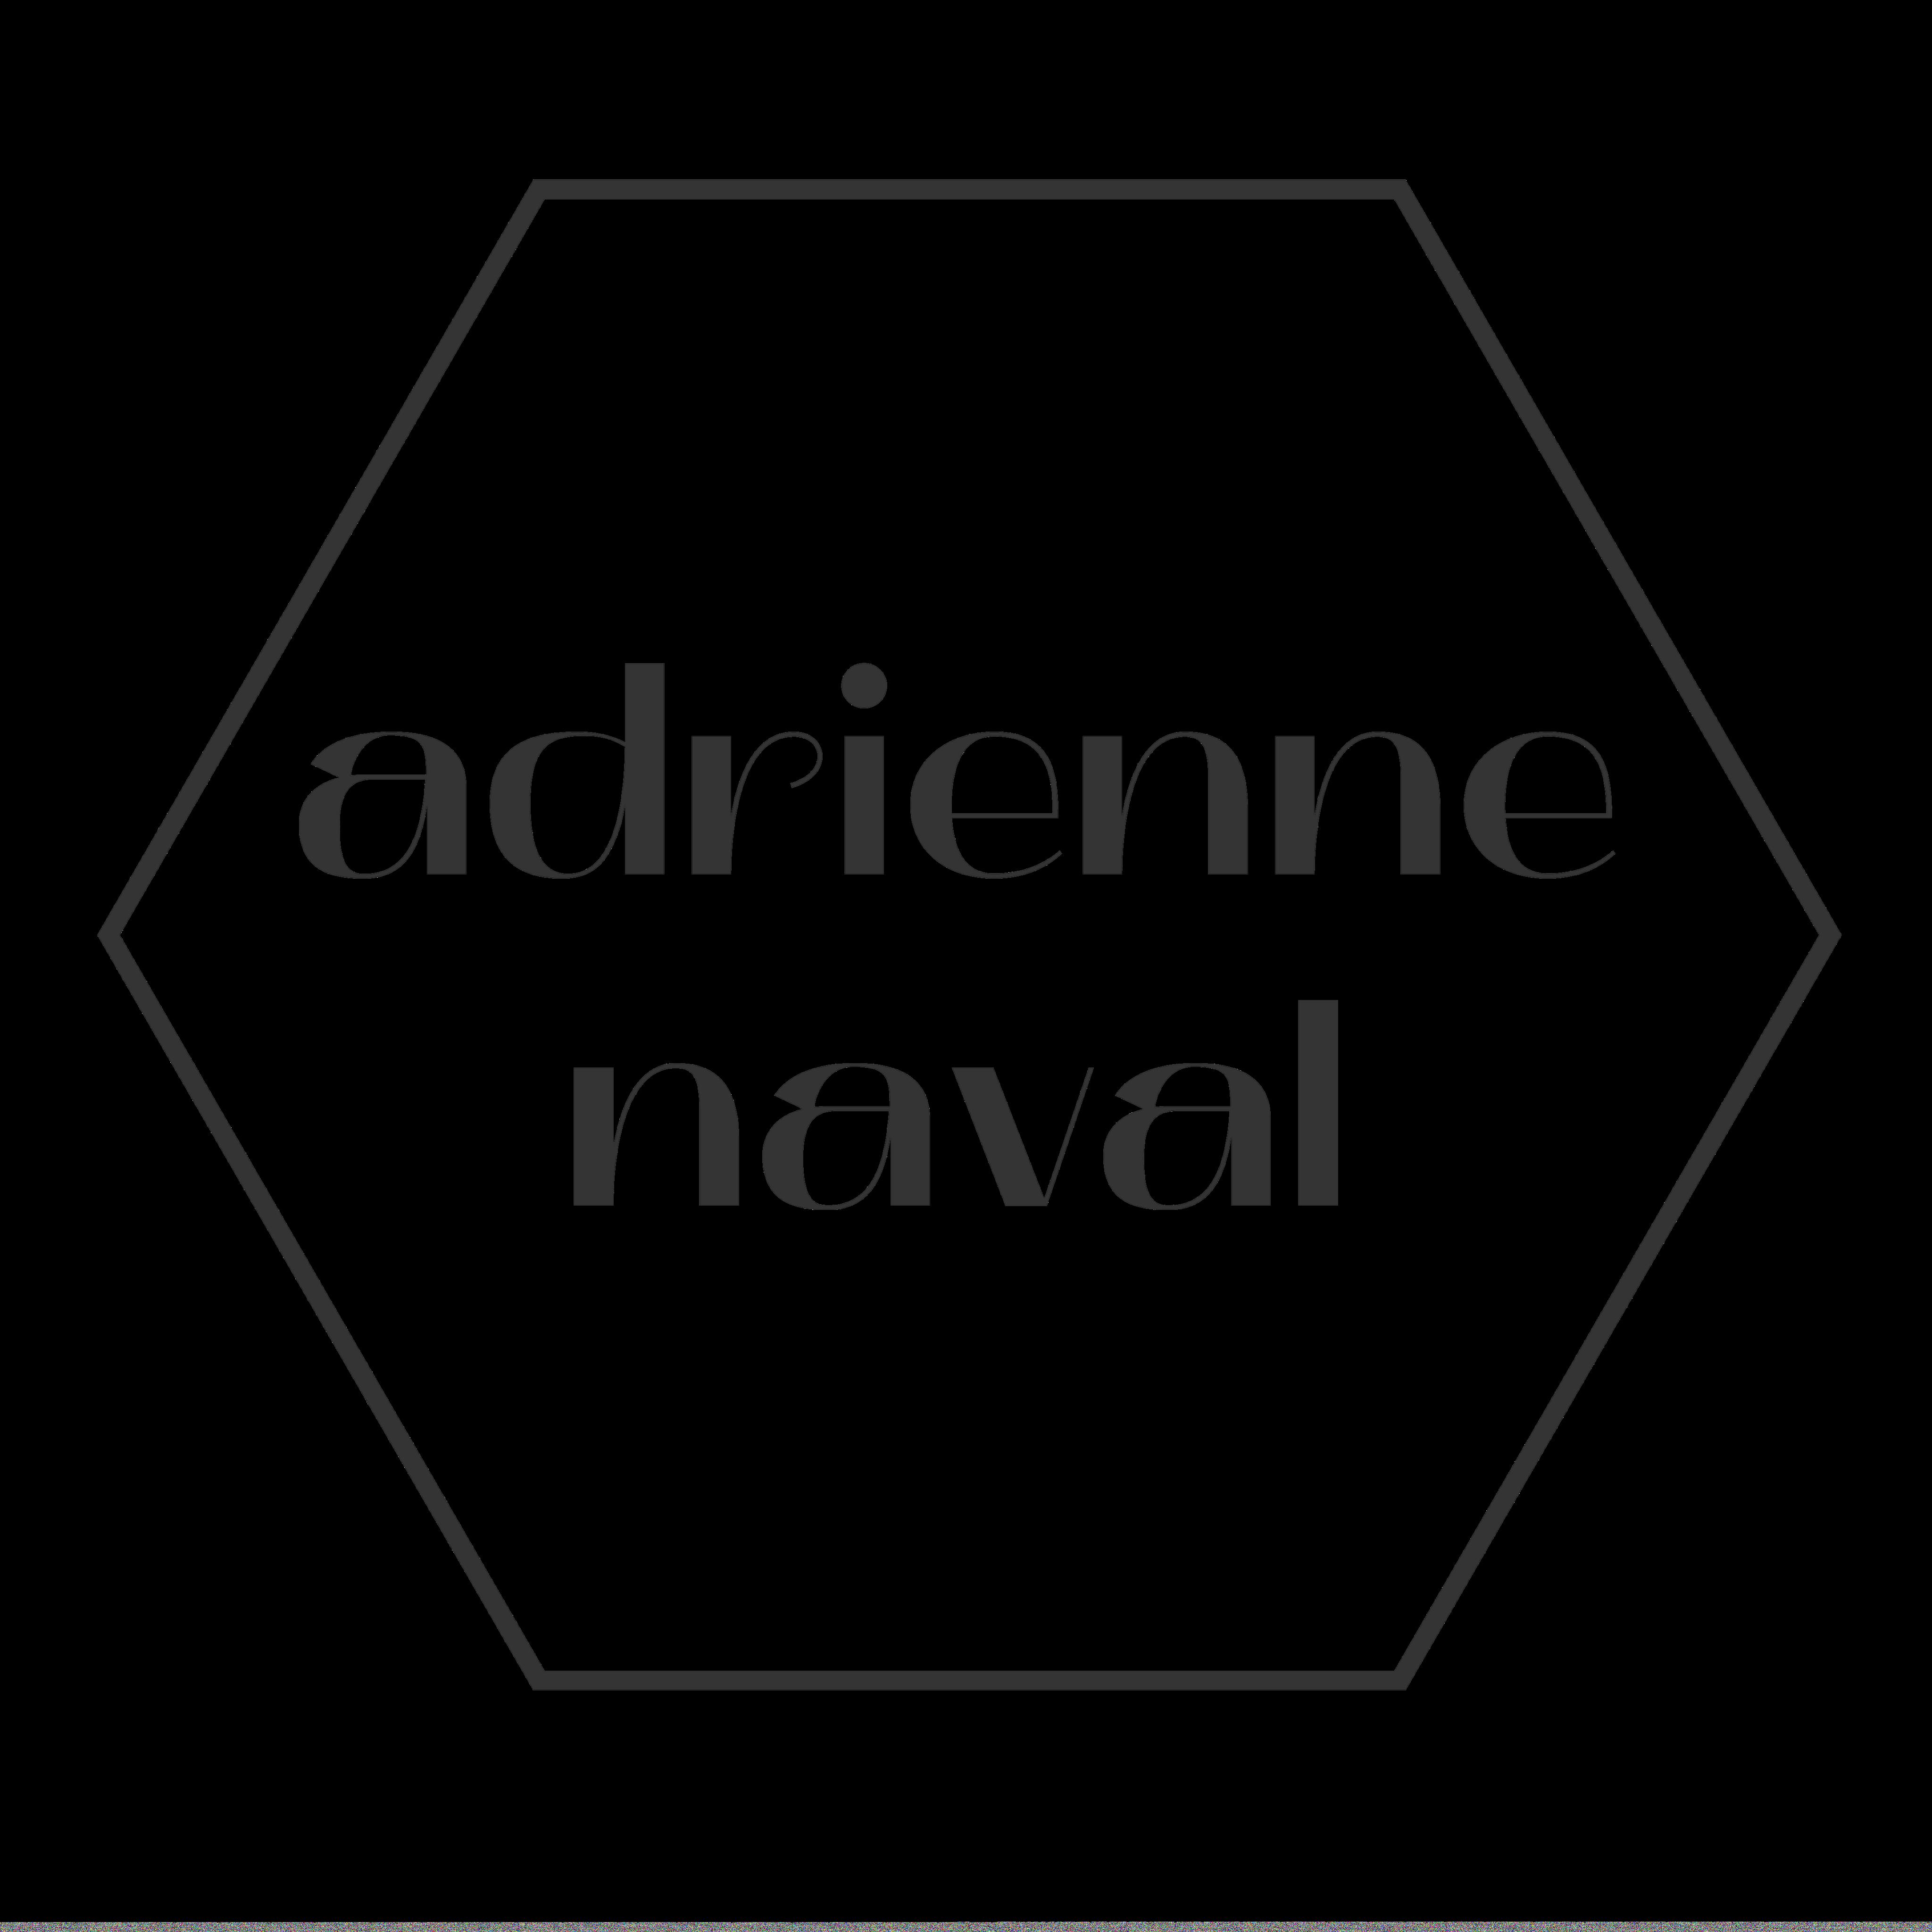 Adrienne Naval